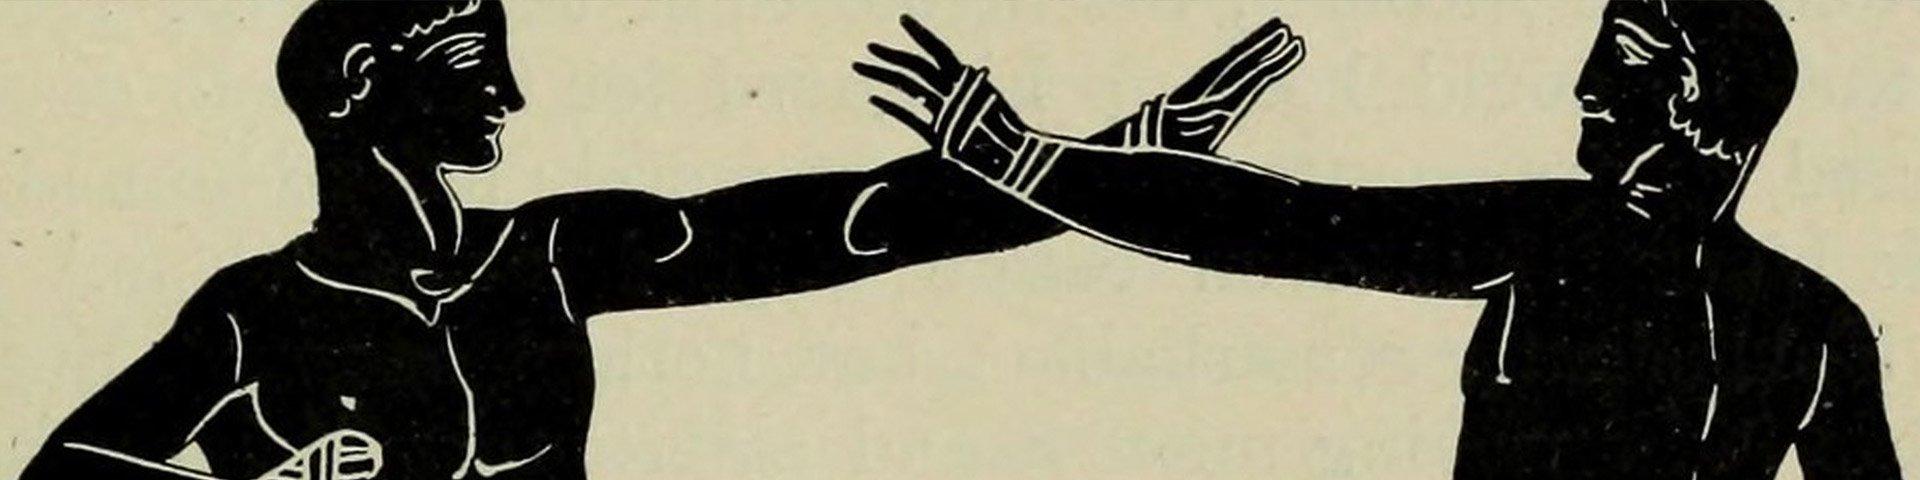 La importancia social del deporte en la Grecia antigua